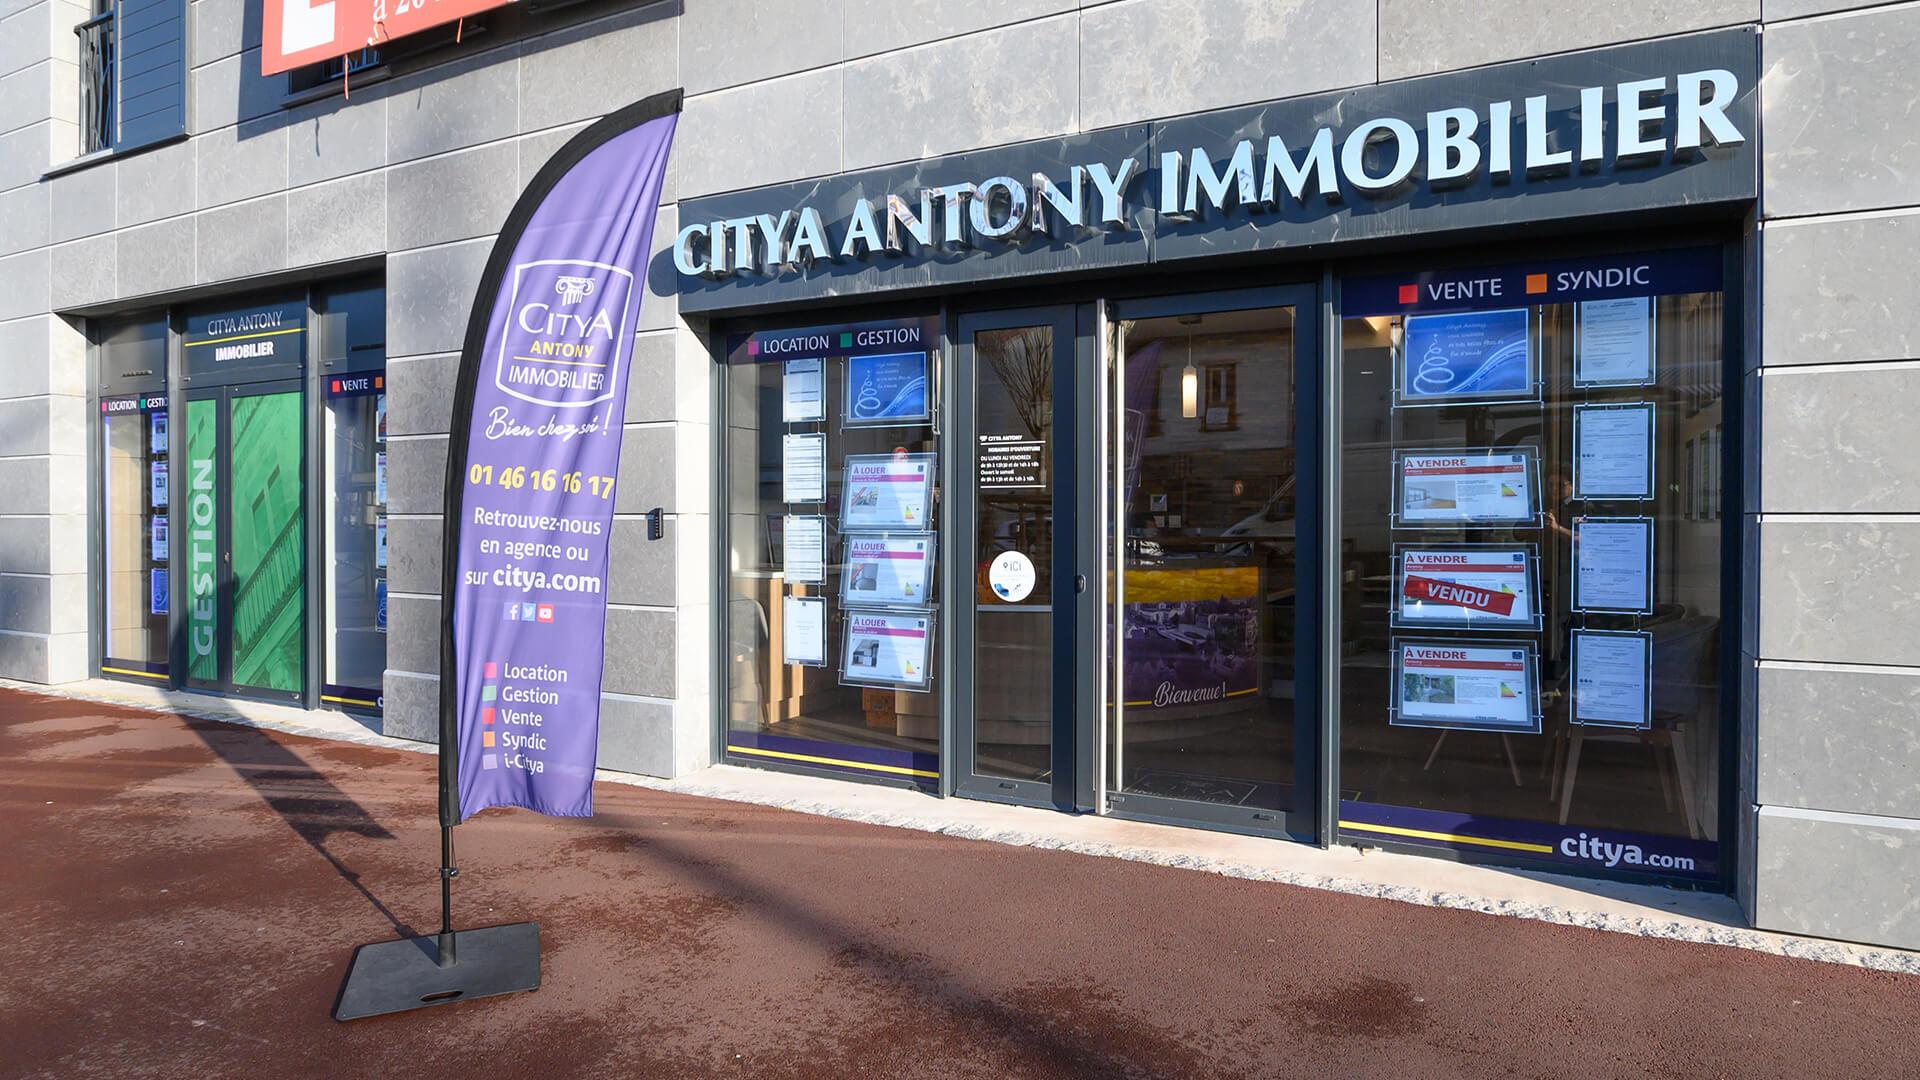 Agence immo Citya Antony immobilier